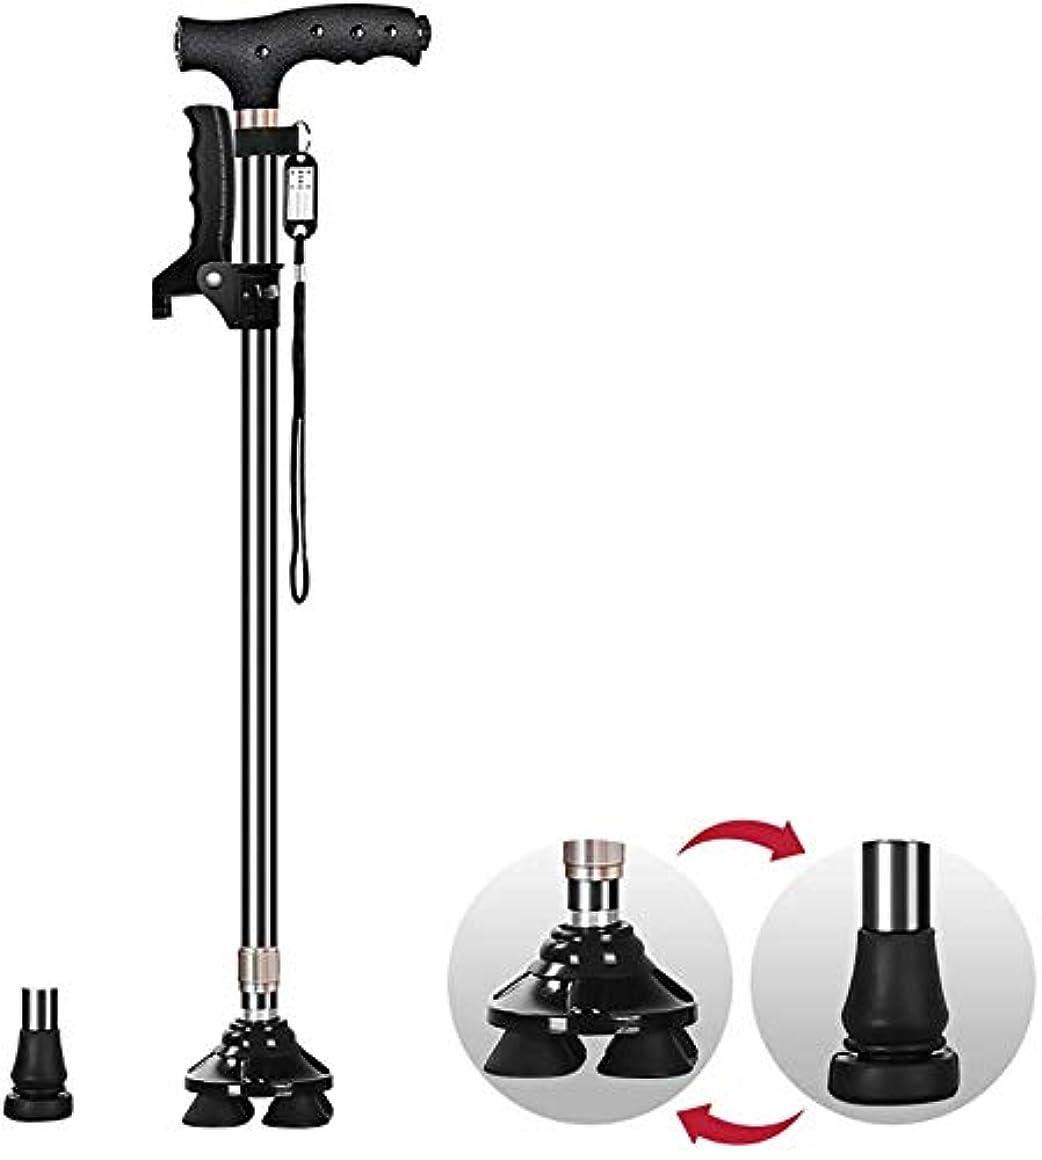 トランクライブラリ名前で経歴ステッキ、拡張可能なステッキ、松葉杖、LEDライト付きダブルハンドルワンフットスモール4フィート交換望遠鏡72-95 cm(28.35-37.4インチ)2色(カラー:ブラック)